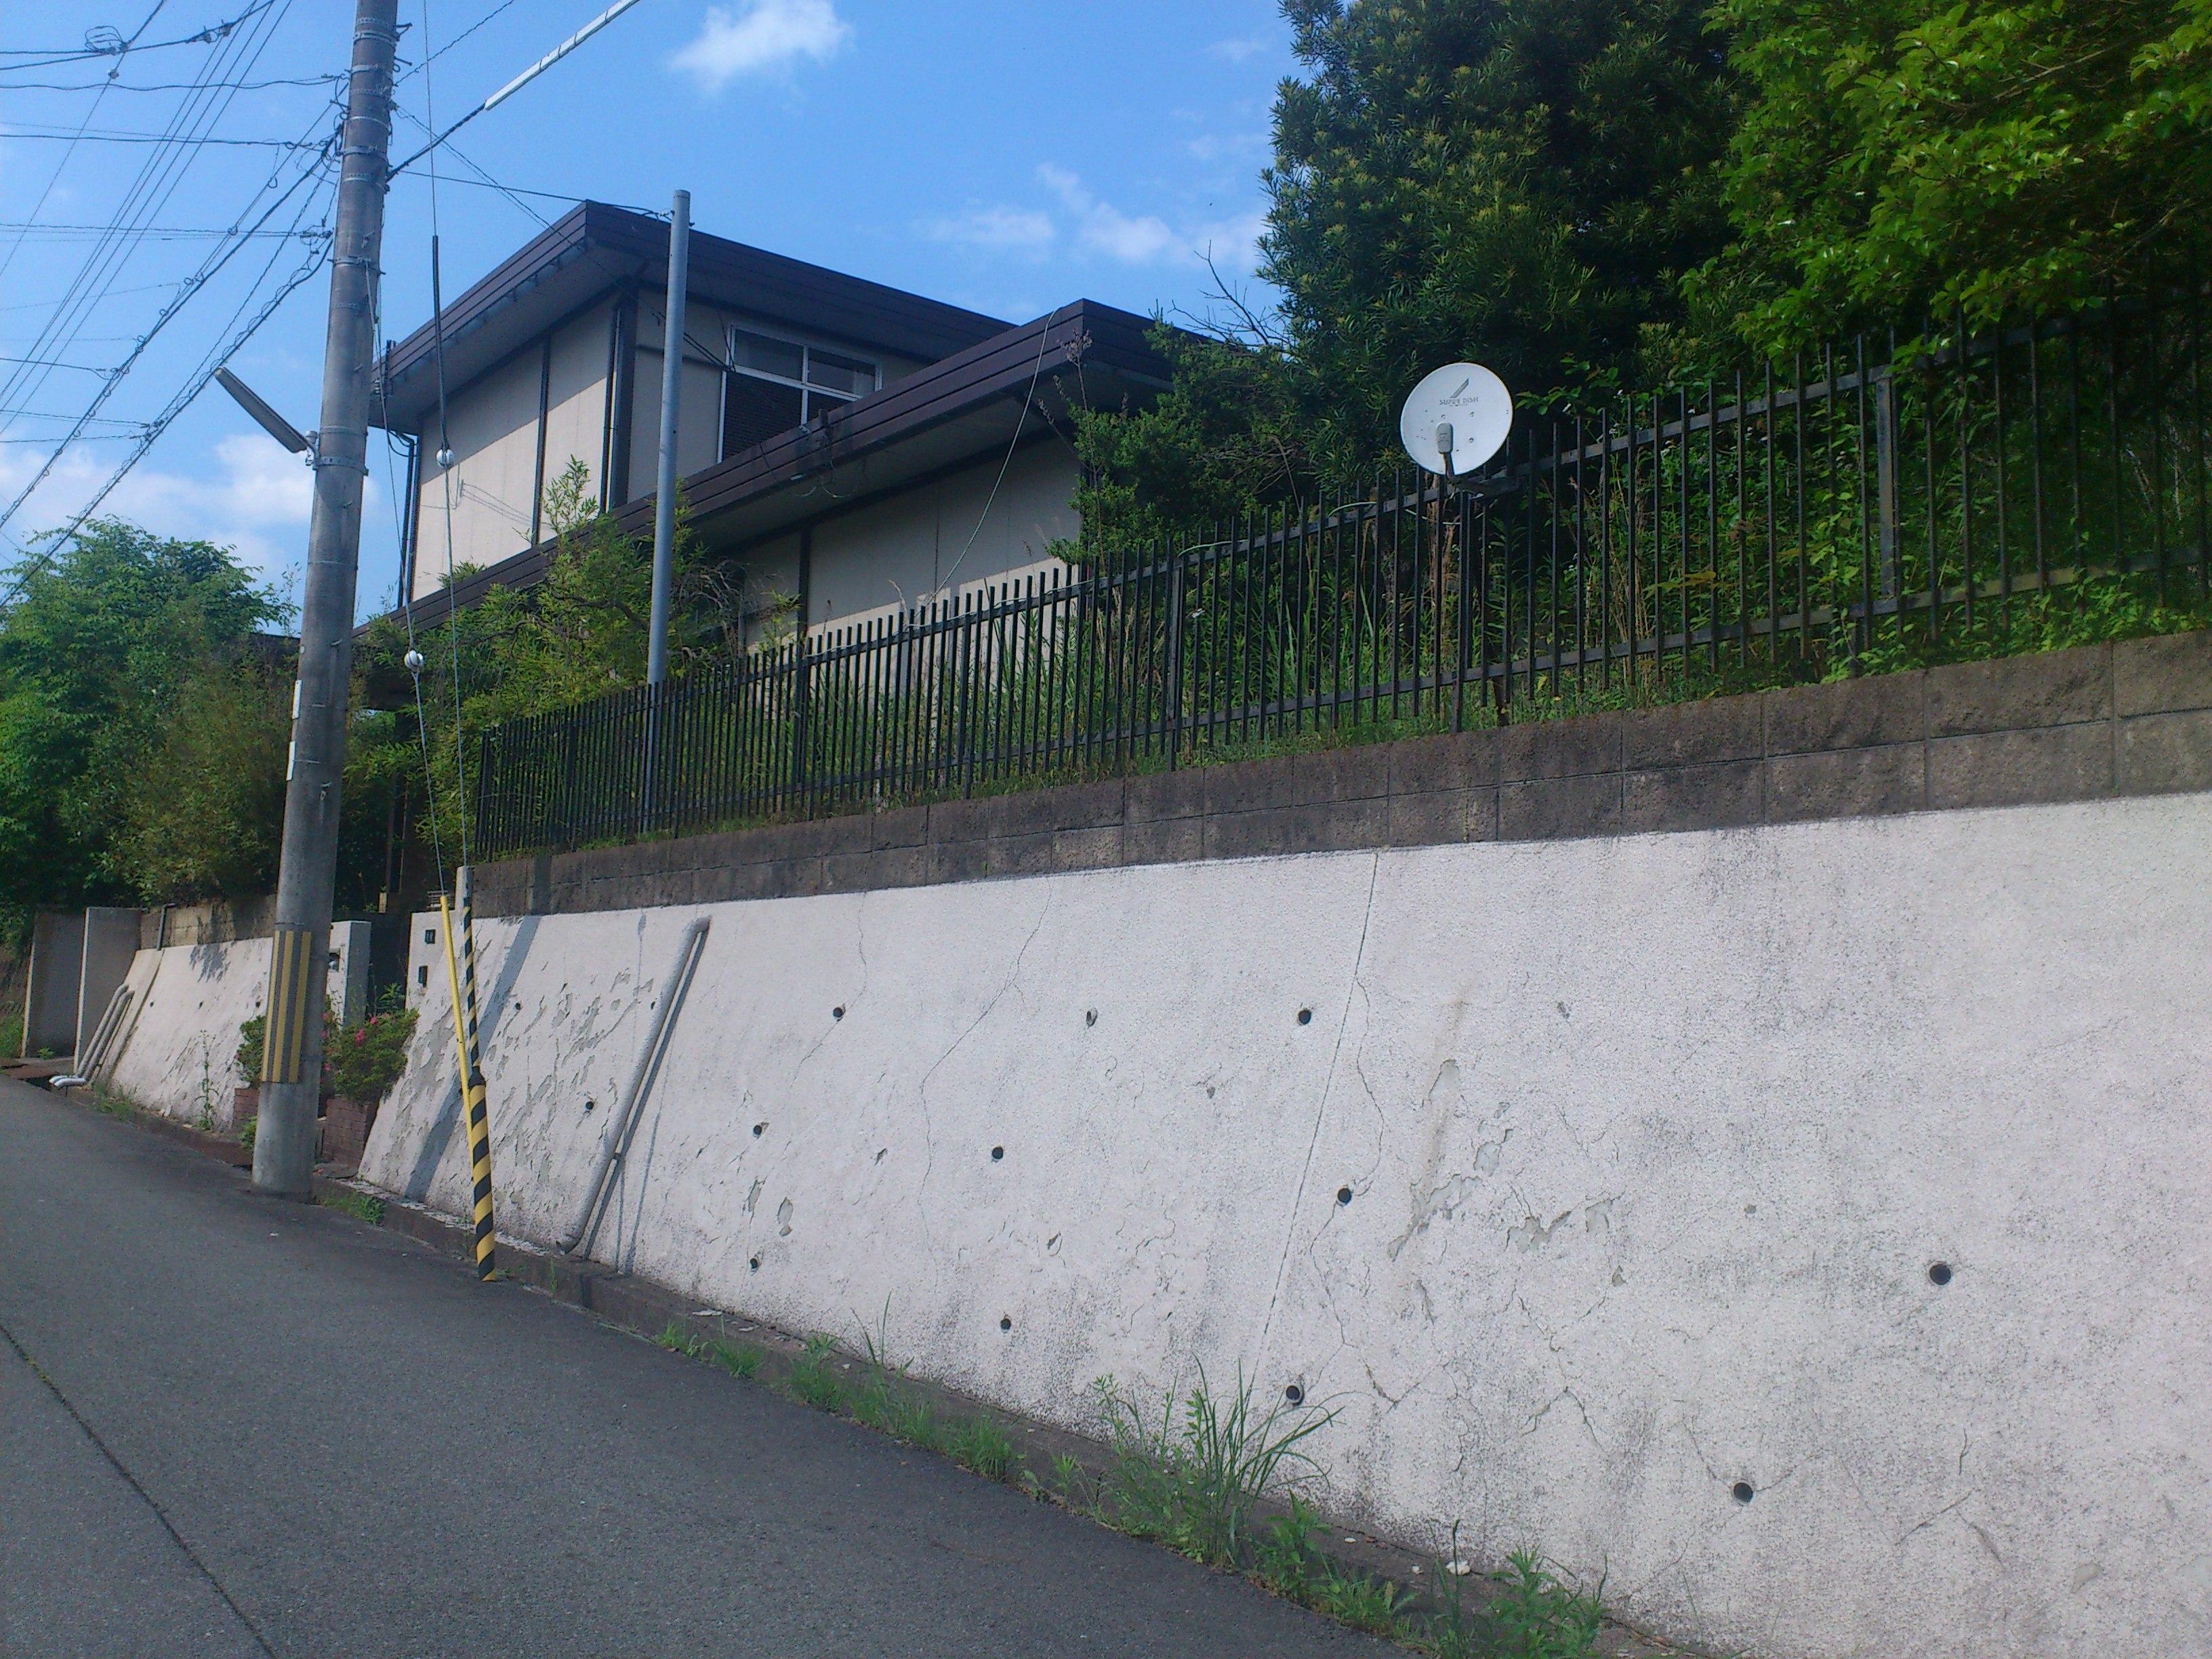 ◎駅から徒歩圏 学校隣接の広い庭付き住宅,菜園も可。◎ ◆駅から徒歩圏 学校隣接の広い庭付き住宅,菜園も可。◆